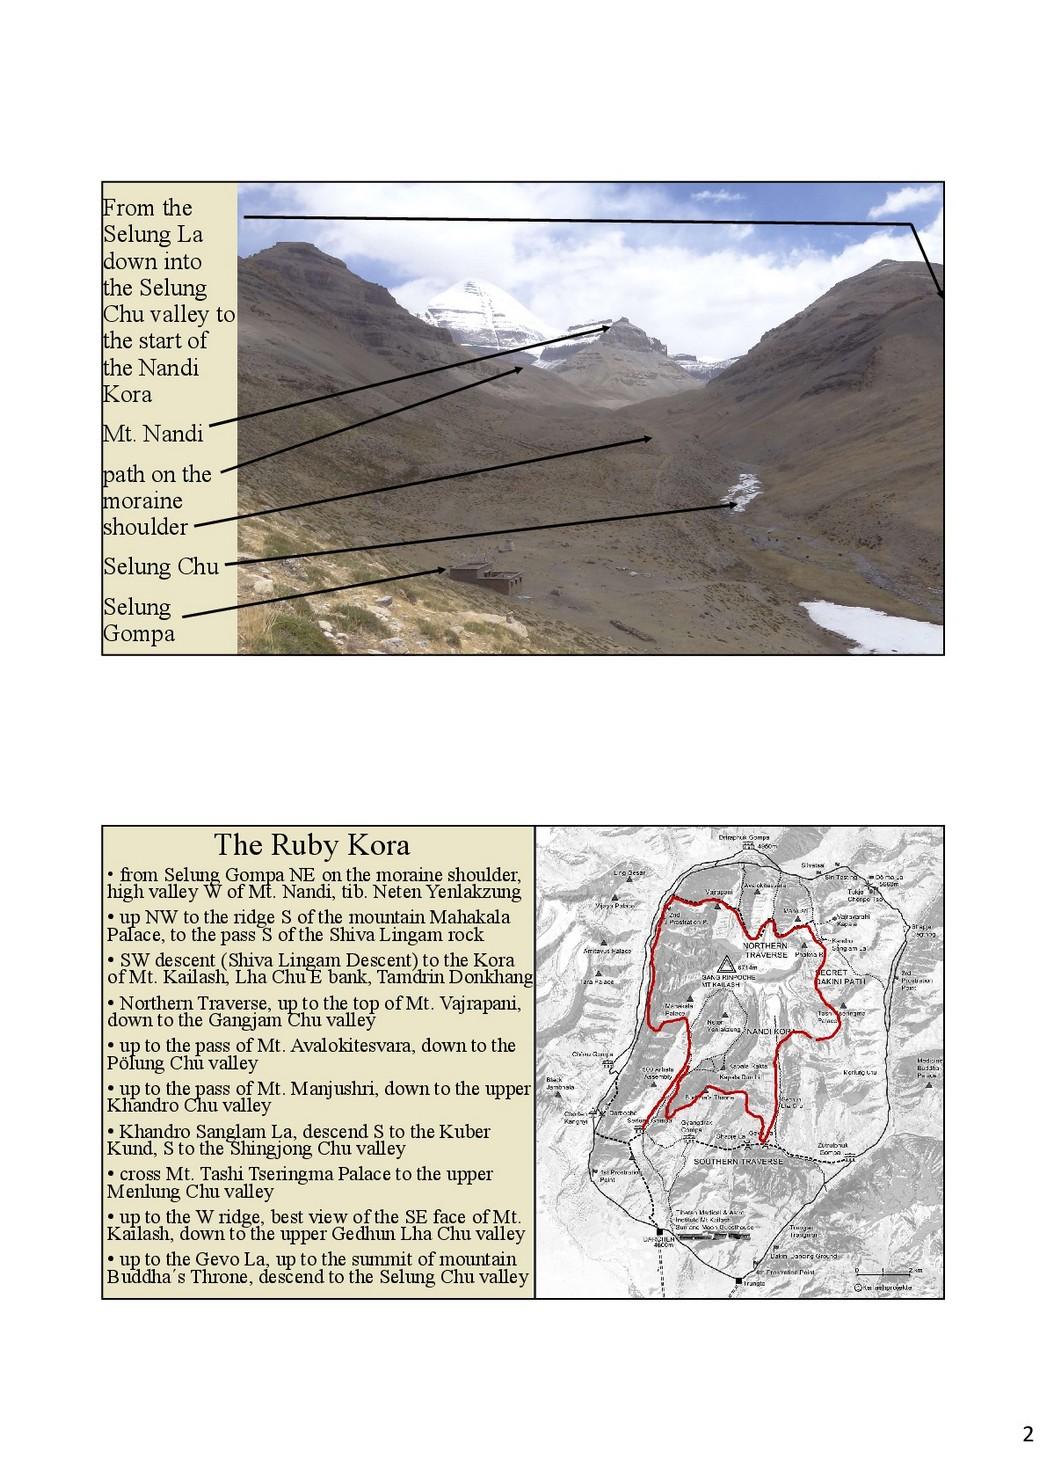 Spiral-Kora-of-Mt.-Kailash-20